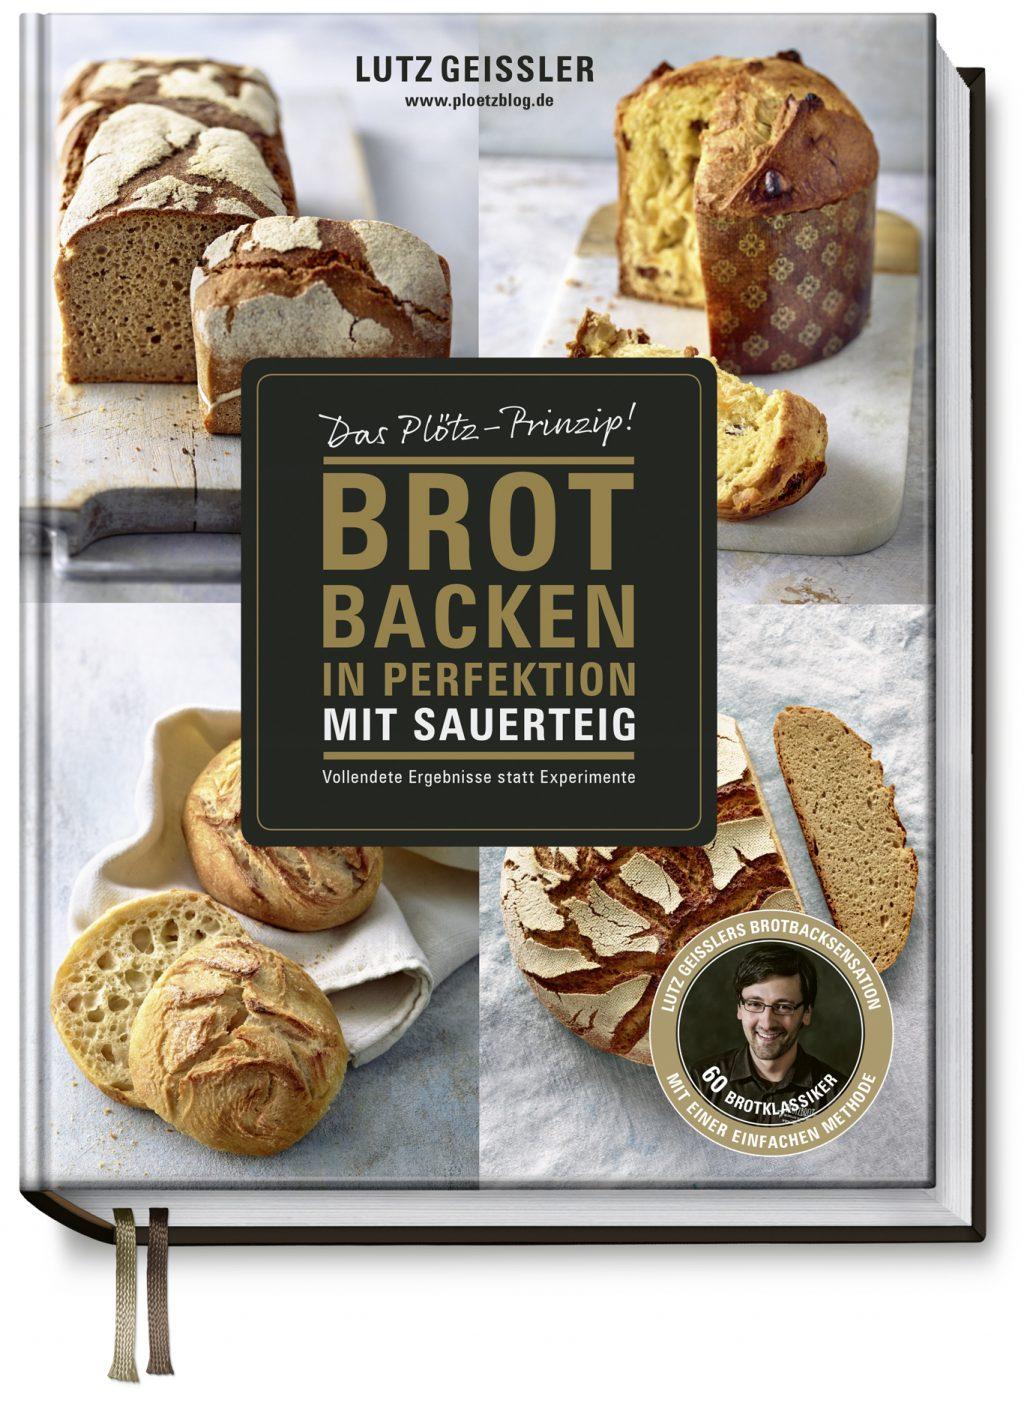 Lutz Geissler Brot backen mit Sauerteig